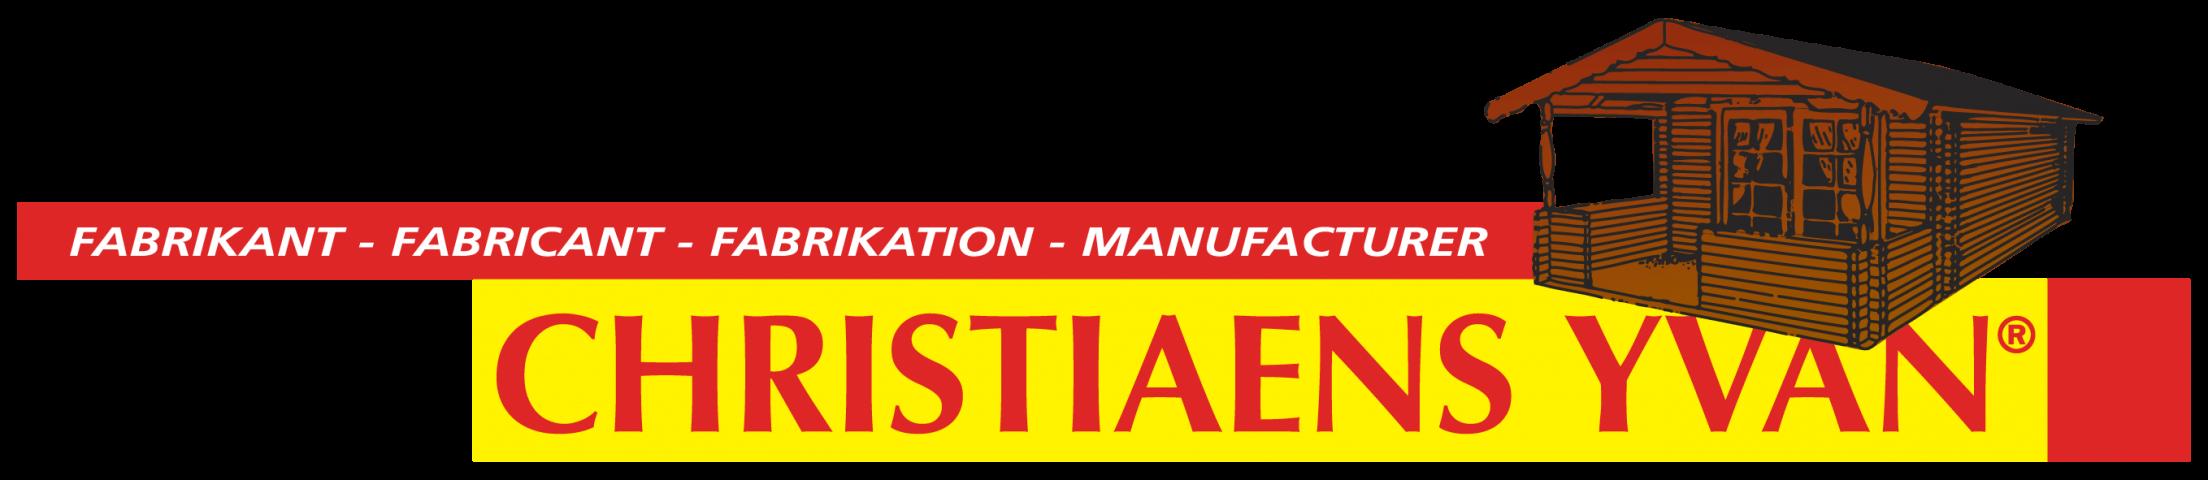 logo_christiaens-yvan uitgespaard.png